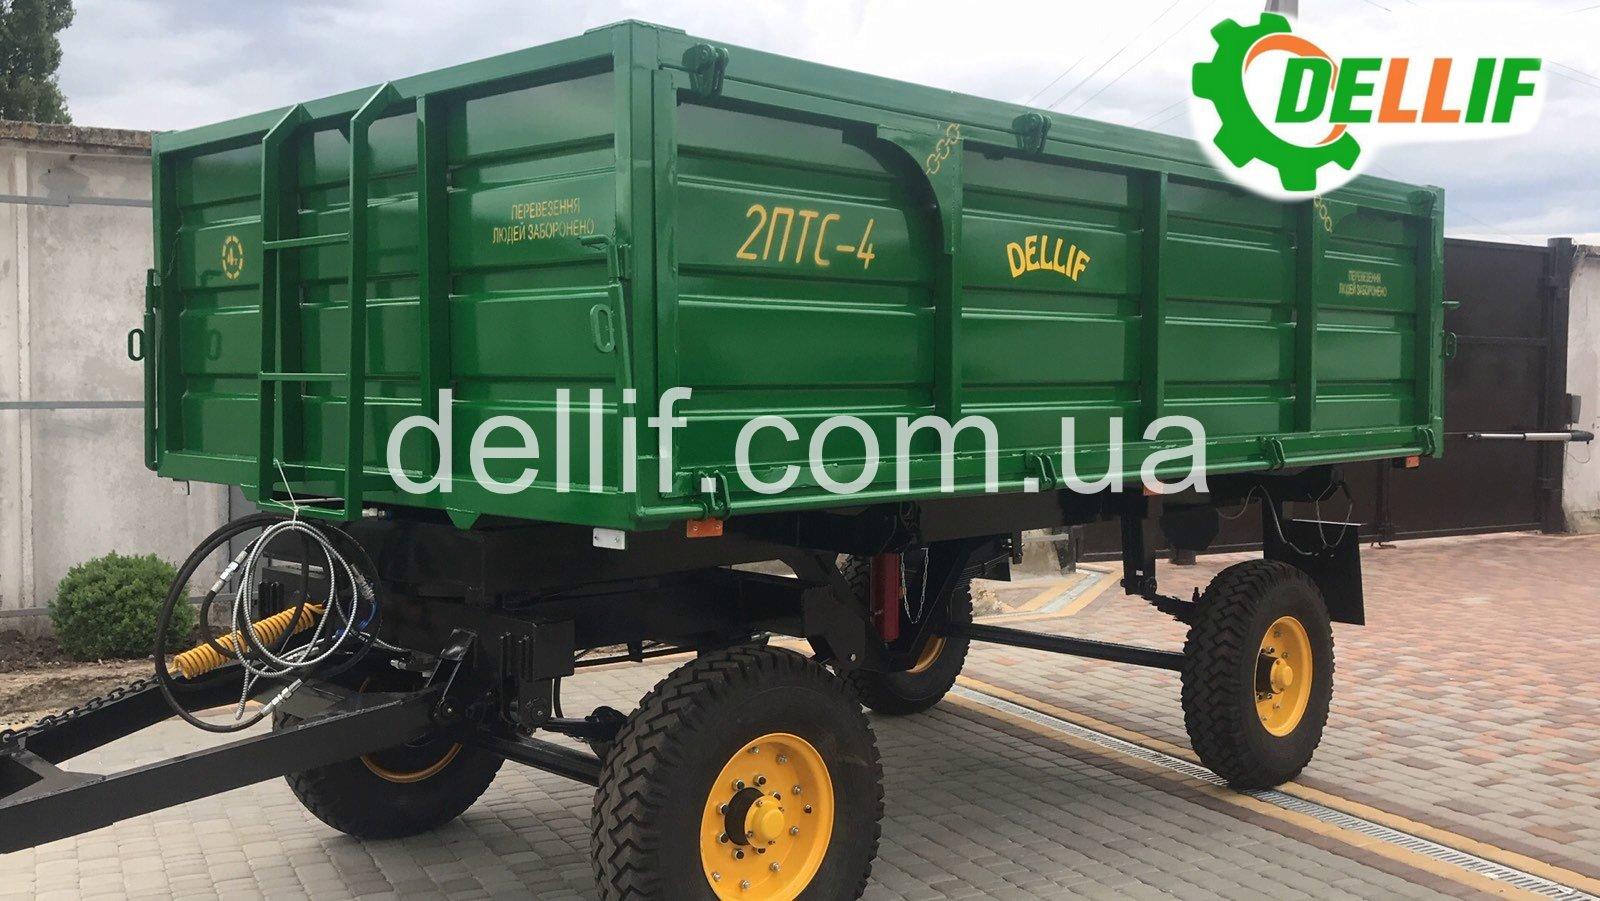 Прицеп тракторный 2 ПТС-4 Деллиф